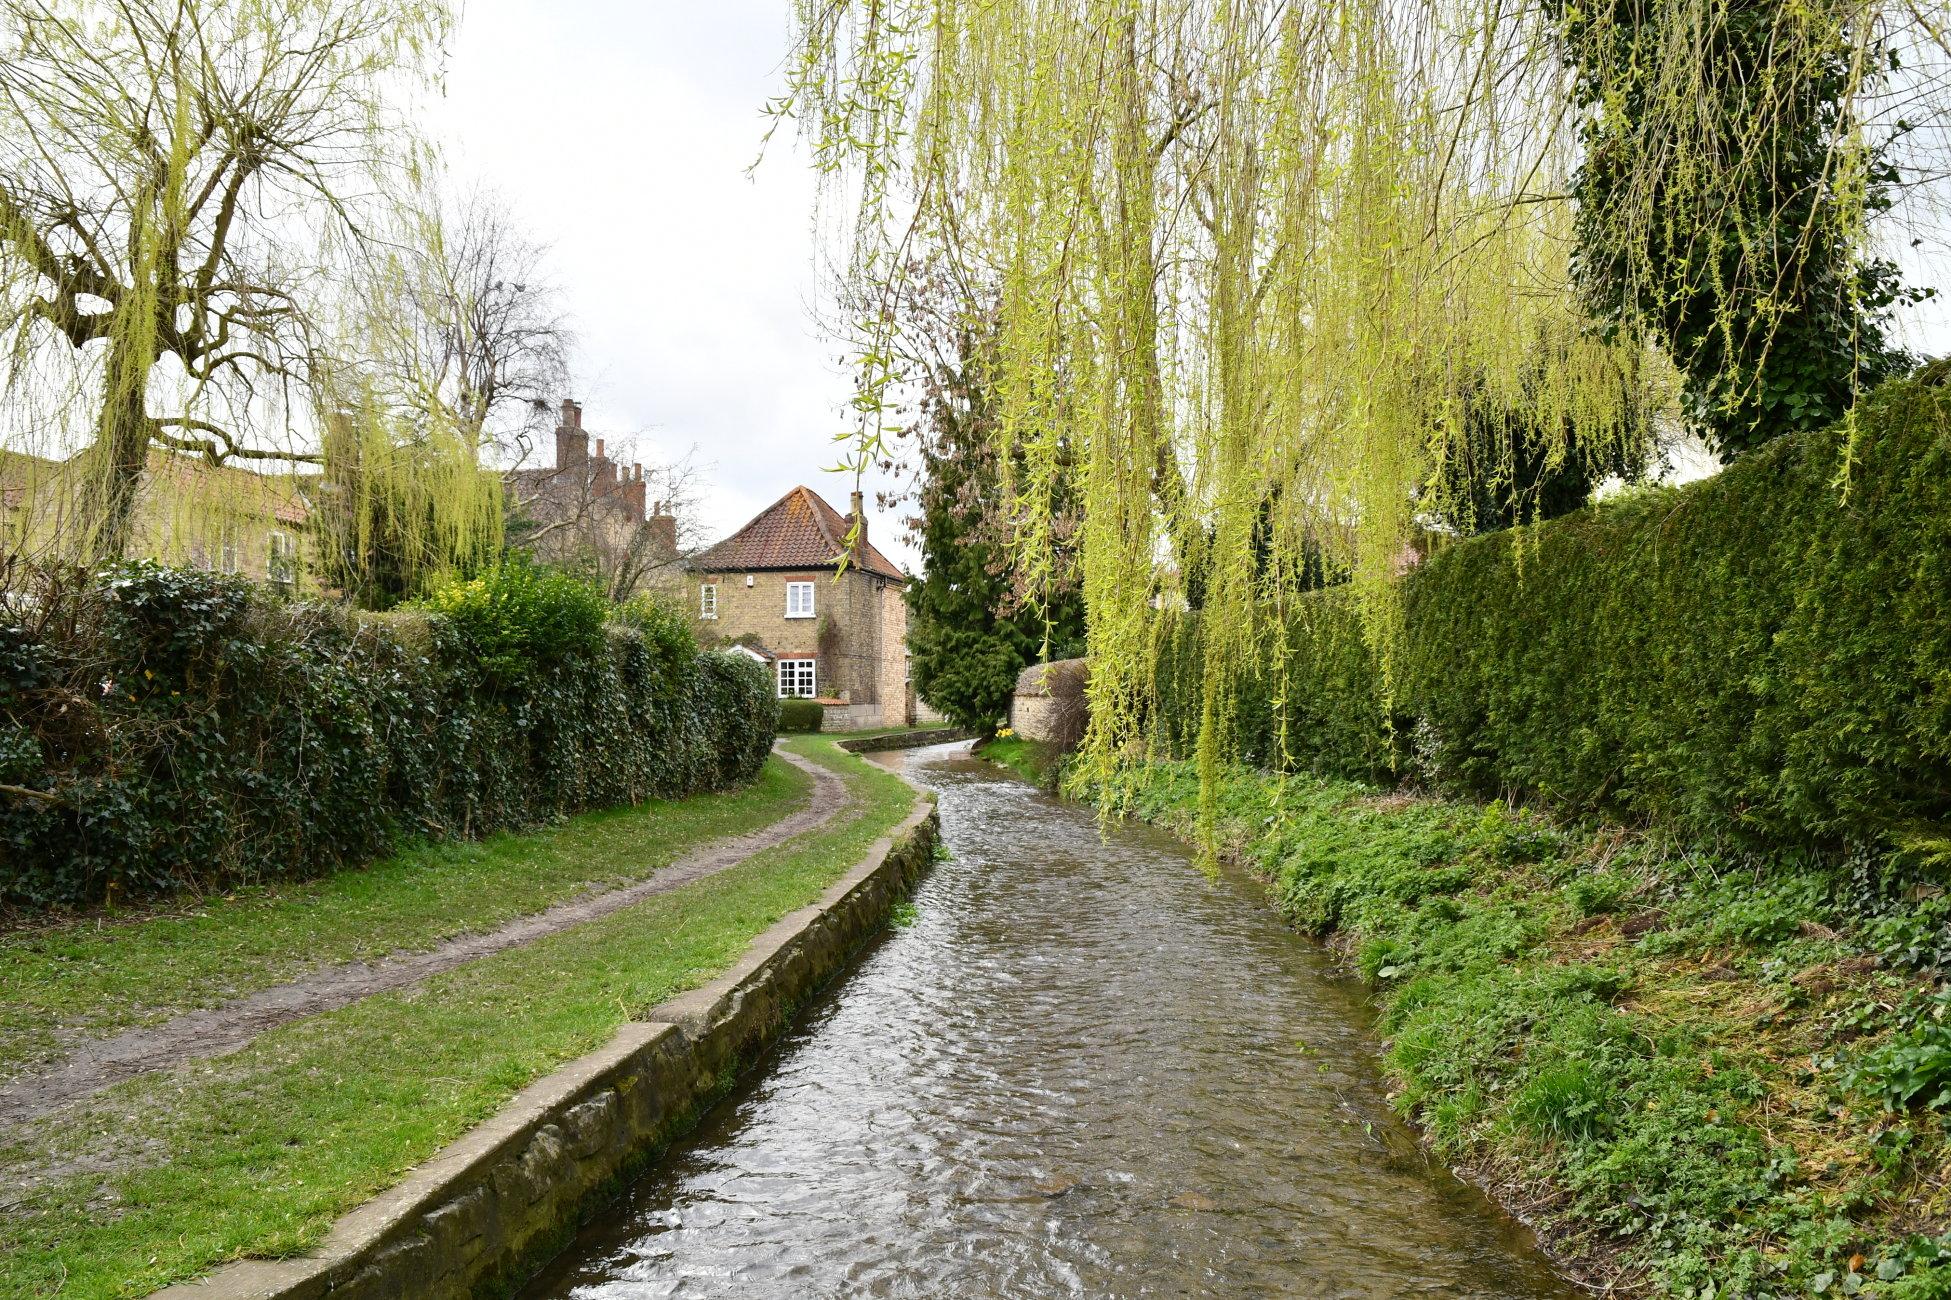 Stream Through The Village